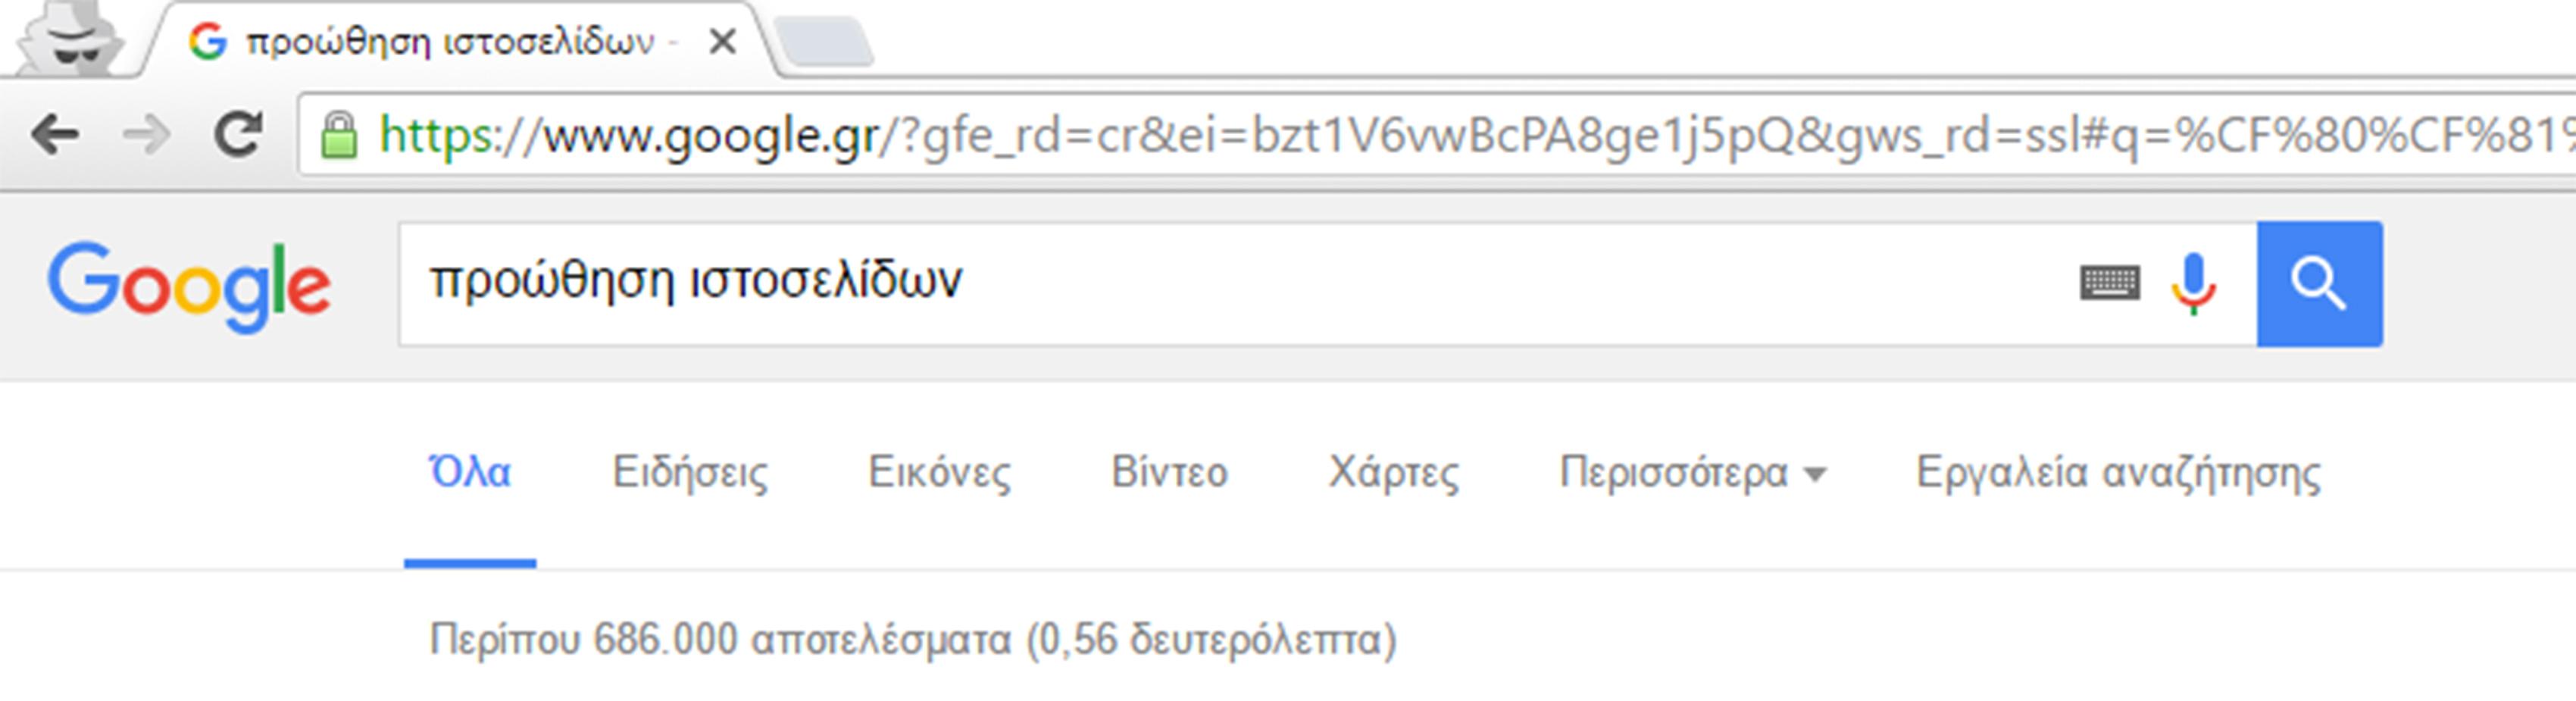 Εικόνα 3 Αποτελέσματα αναζήτησης για τη φράση «προώθηση ιστοσελίδων».